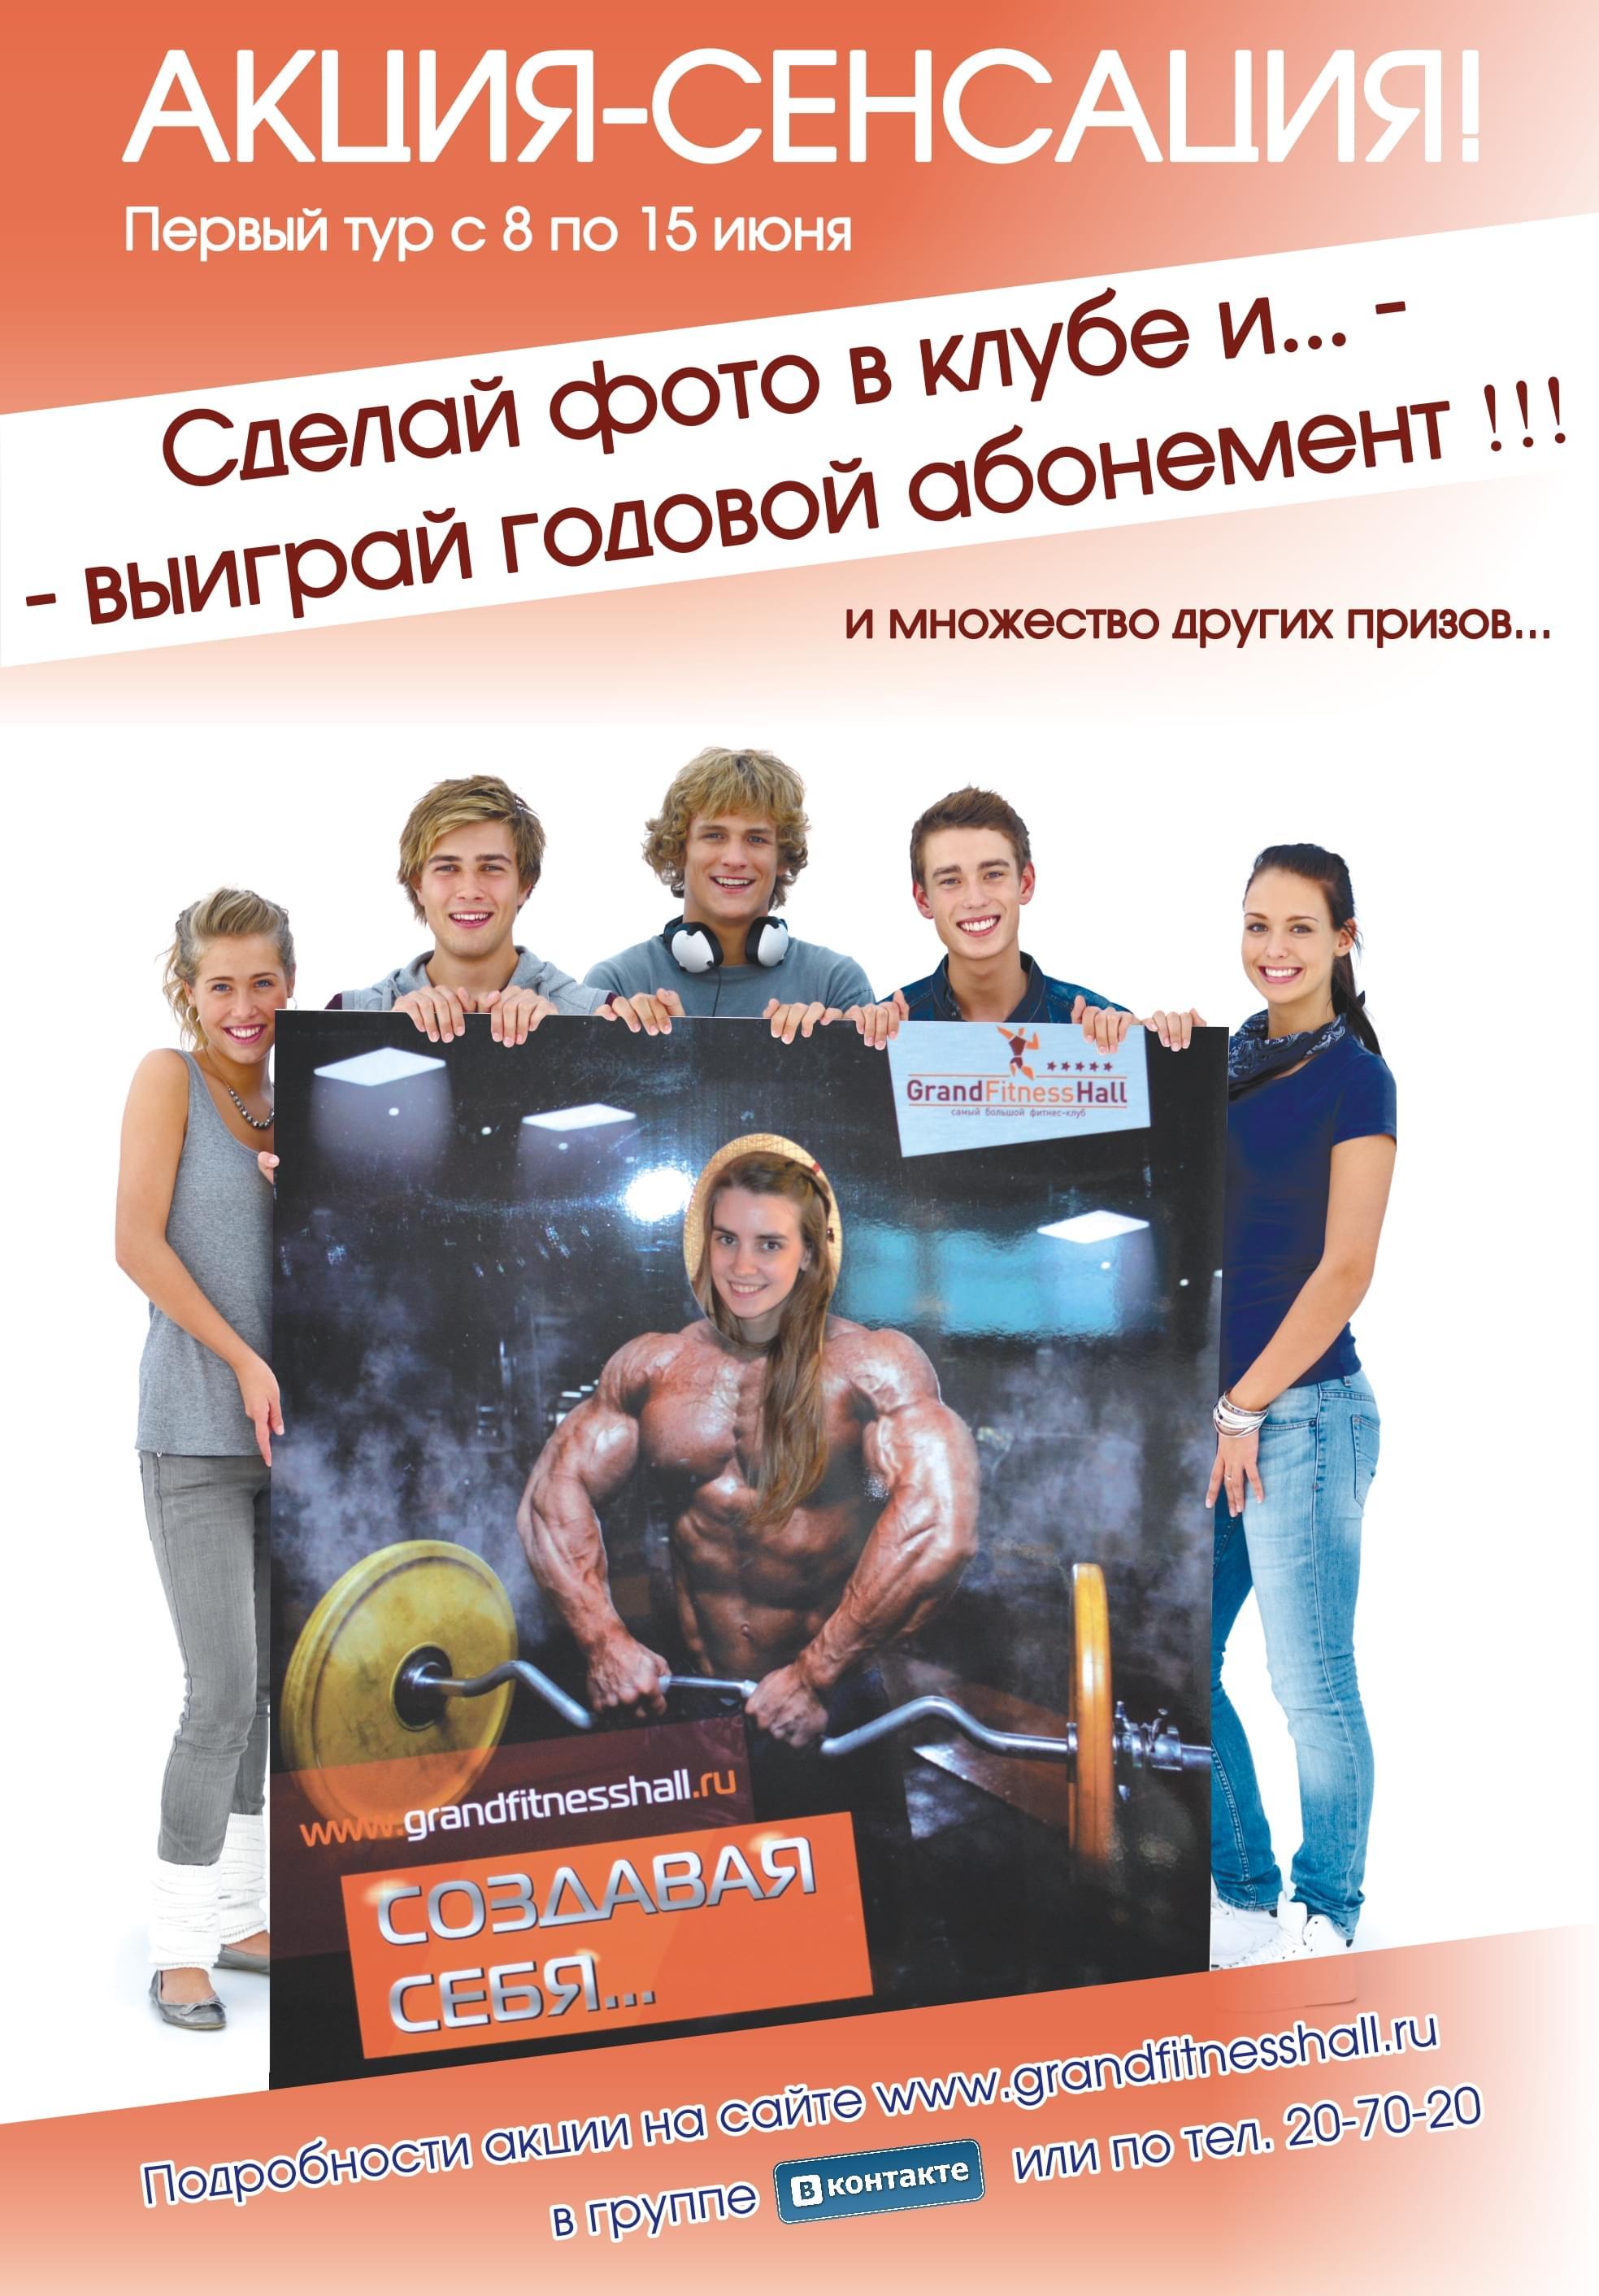 А4 от 6 июня 2016 плакат